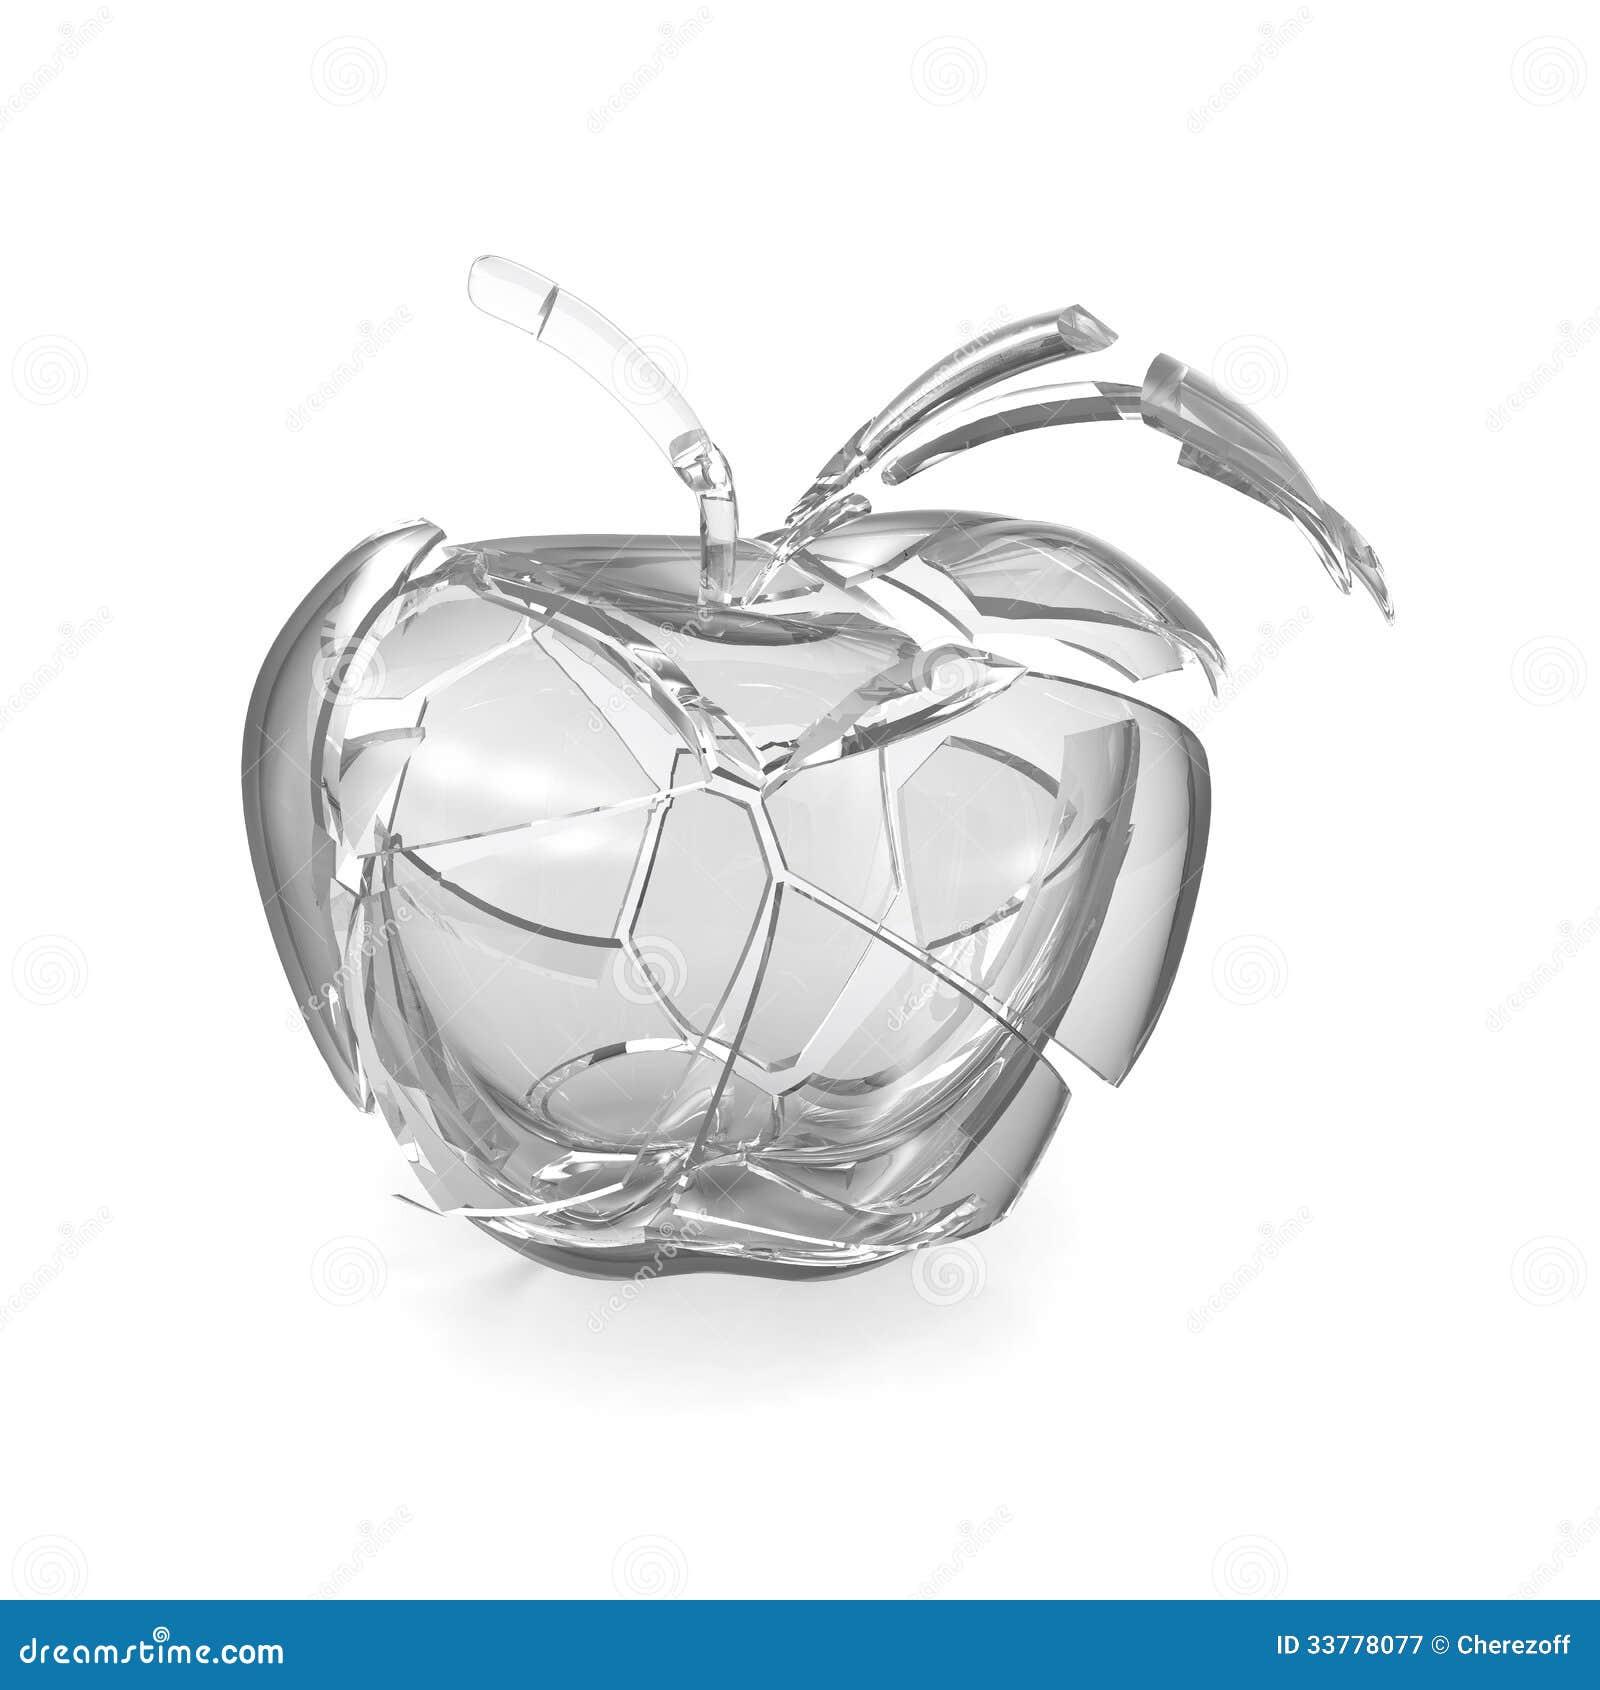 broken glass apple stock illustration image of ecology 33778077. Black Bedroom Furniture Sets. Home Design Ideas